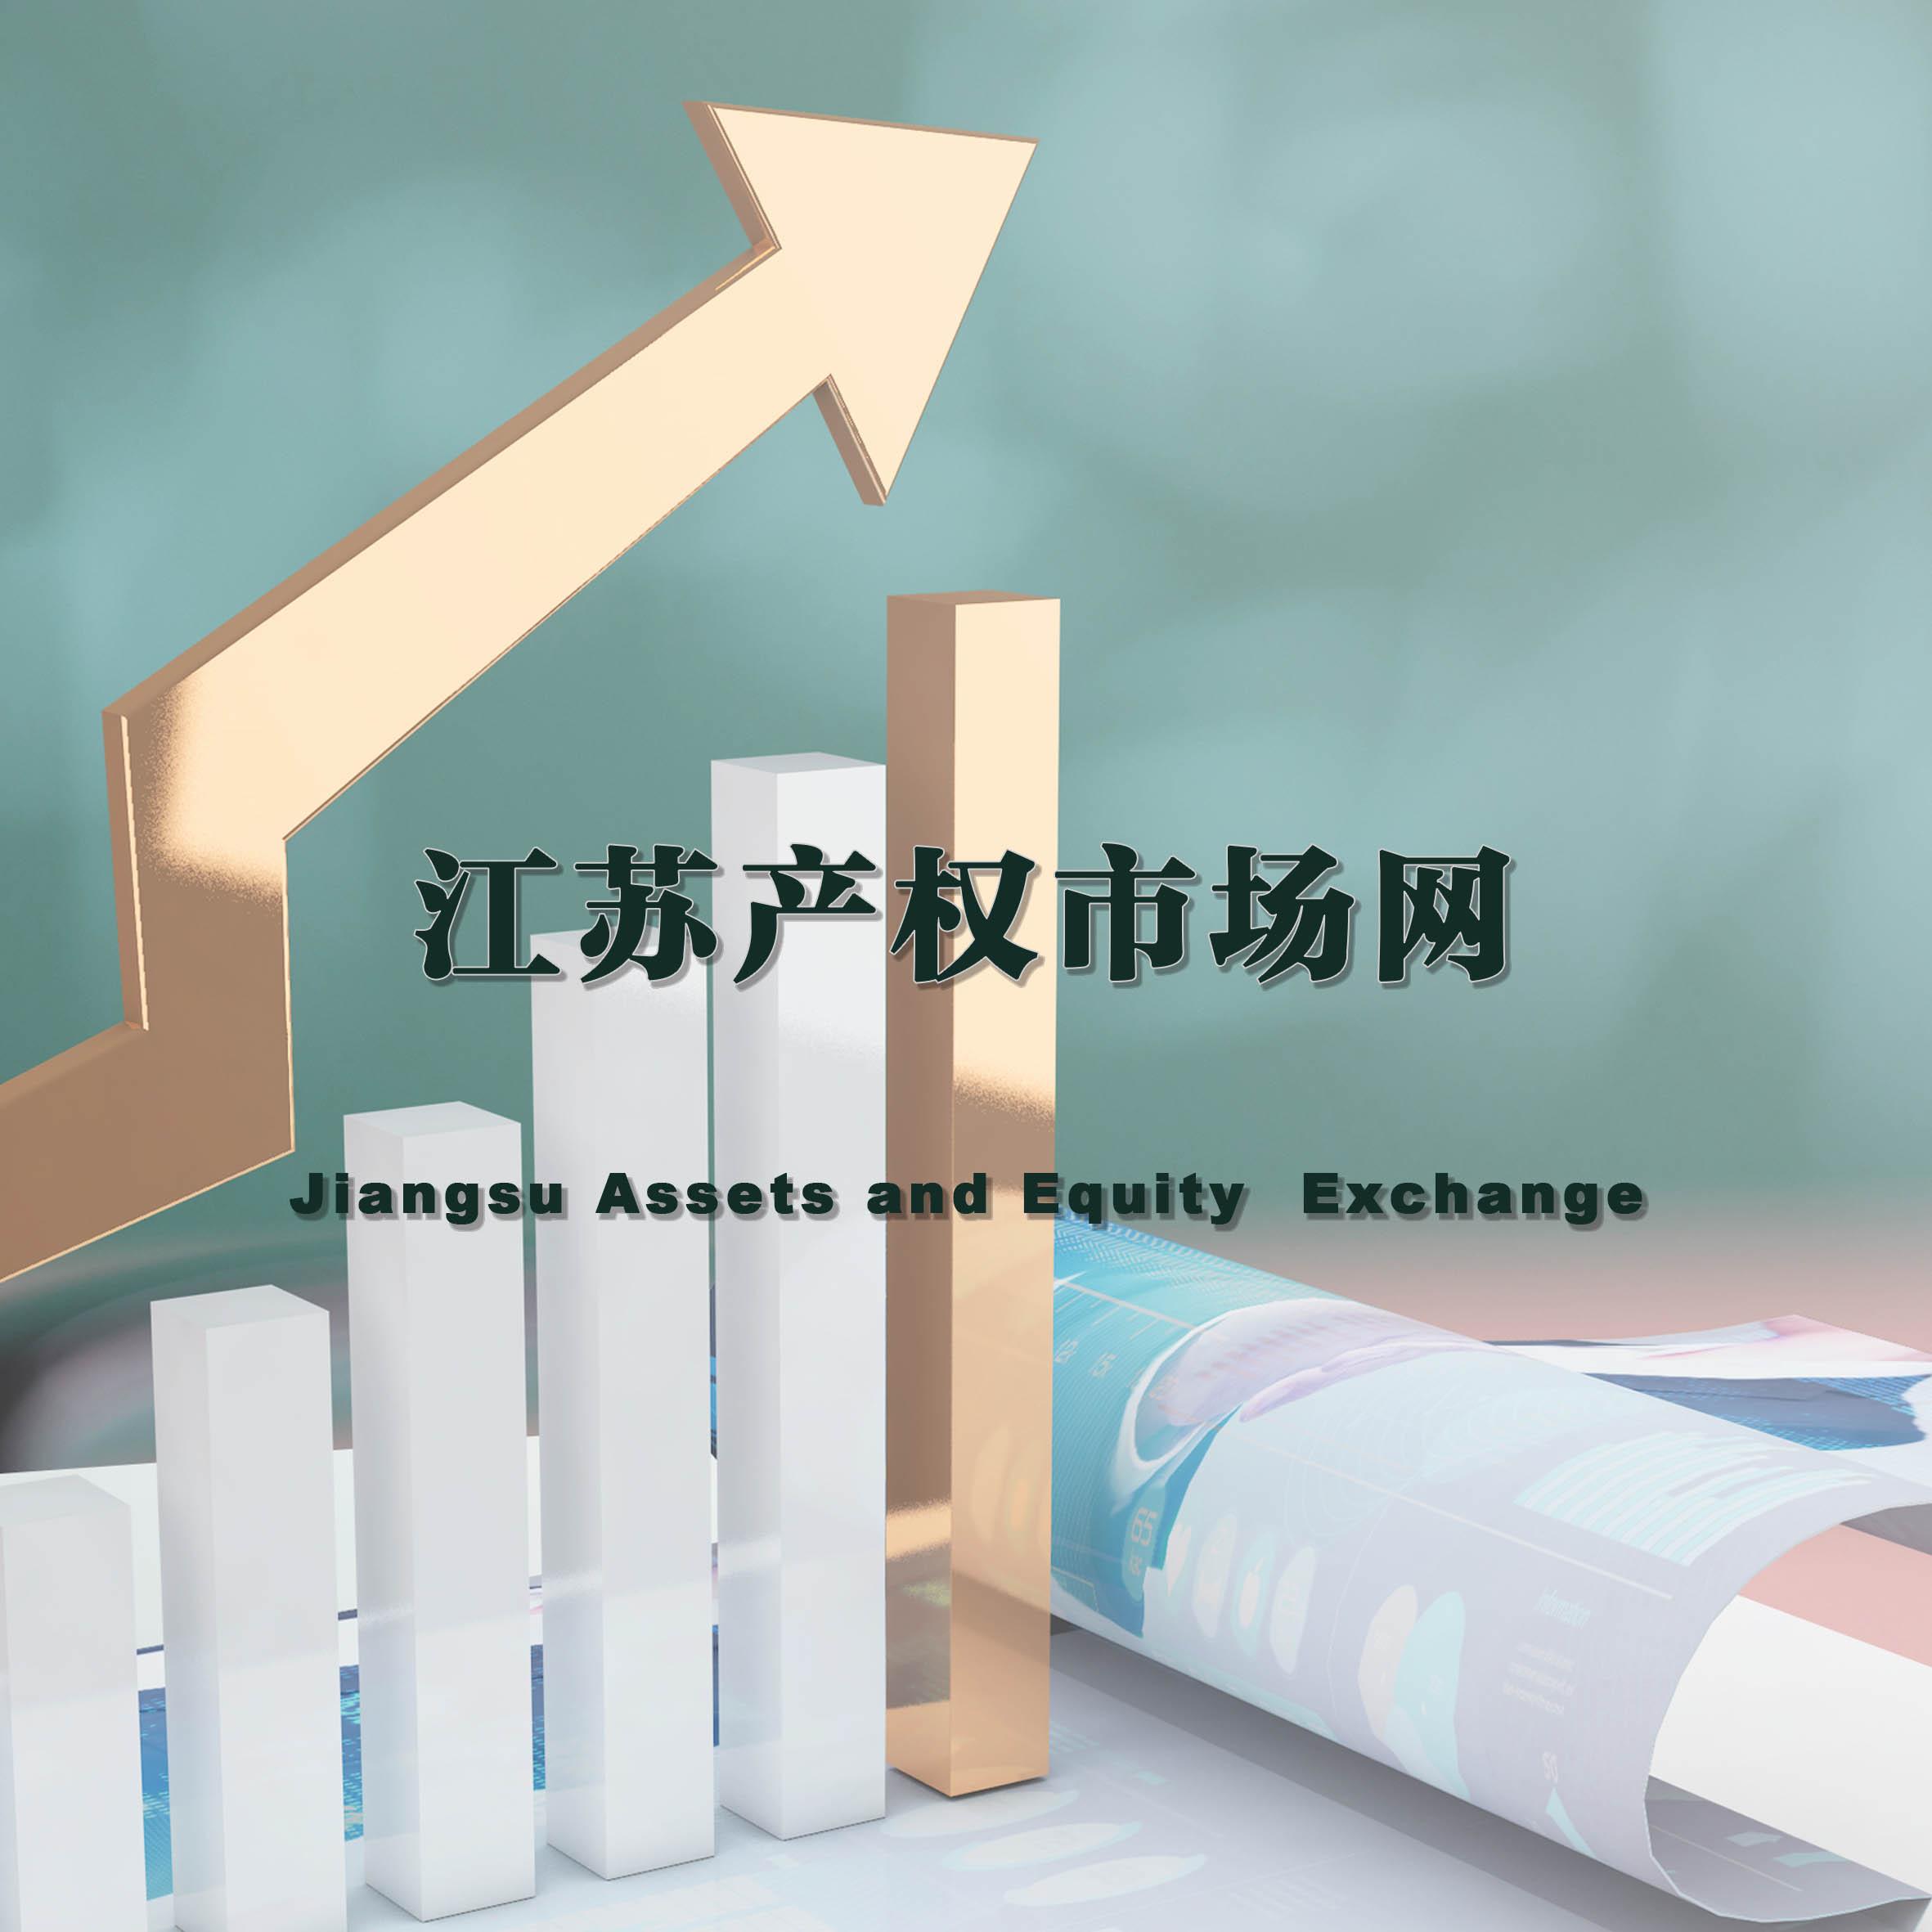 江苏产权市场网